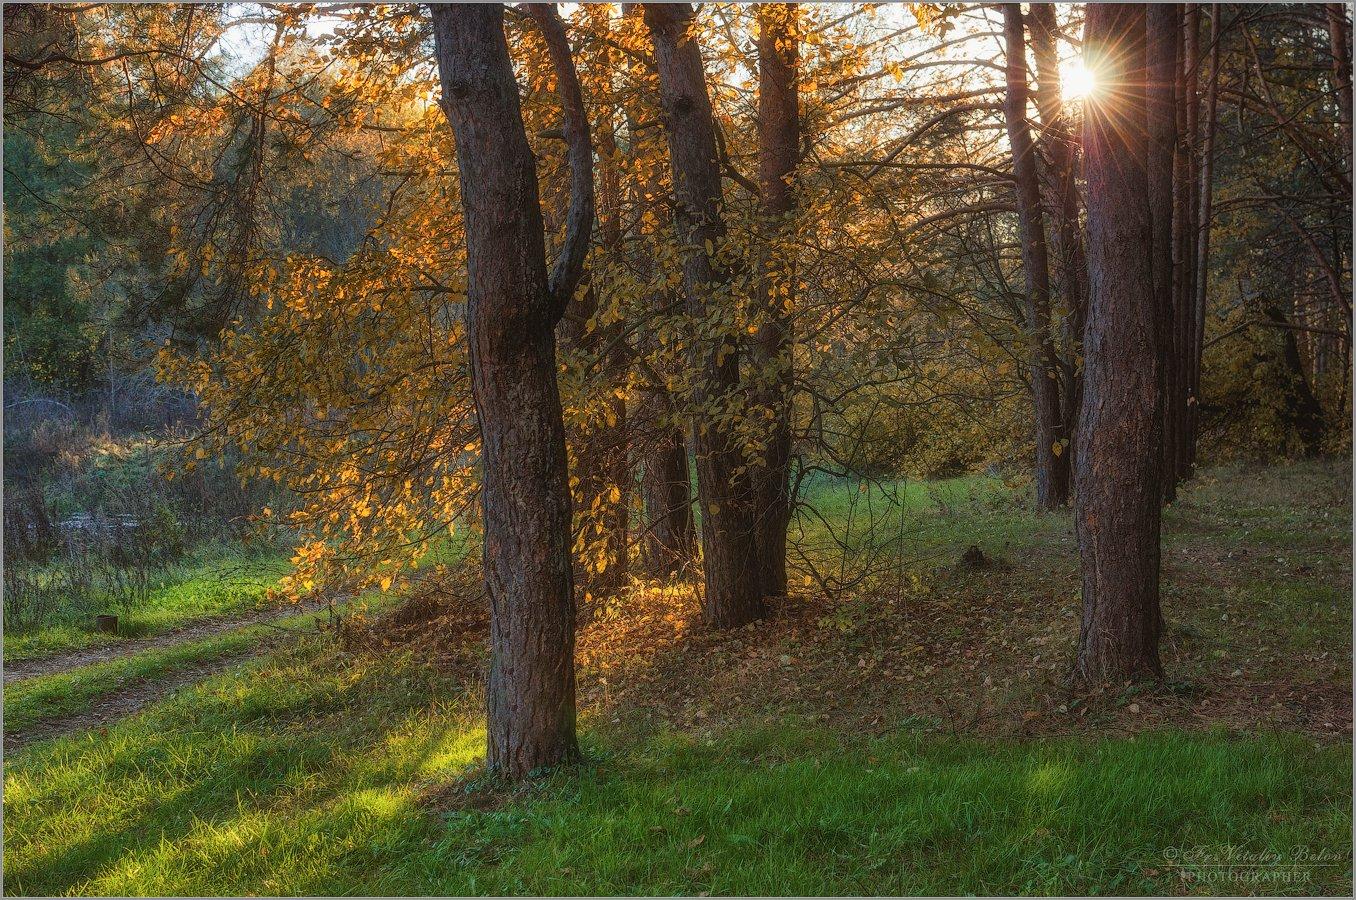 Сияло солнце на Покров, листва как золото горело (снимок сделан 14 октября 2013 г.)